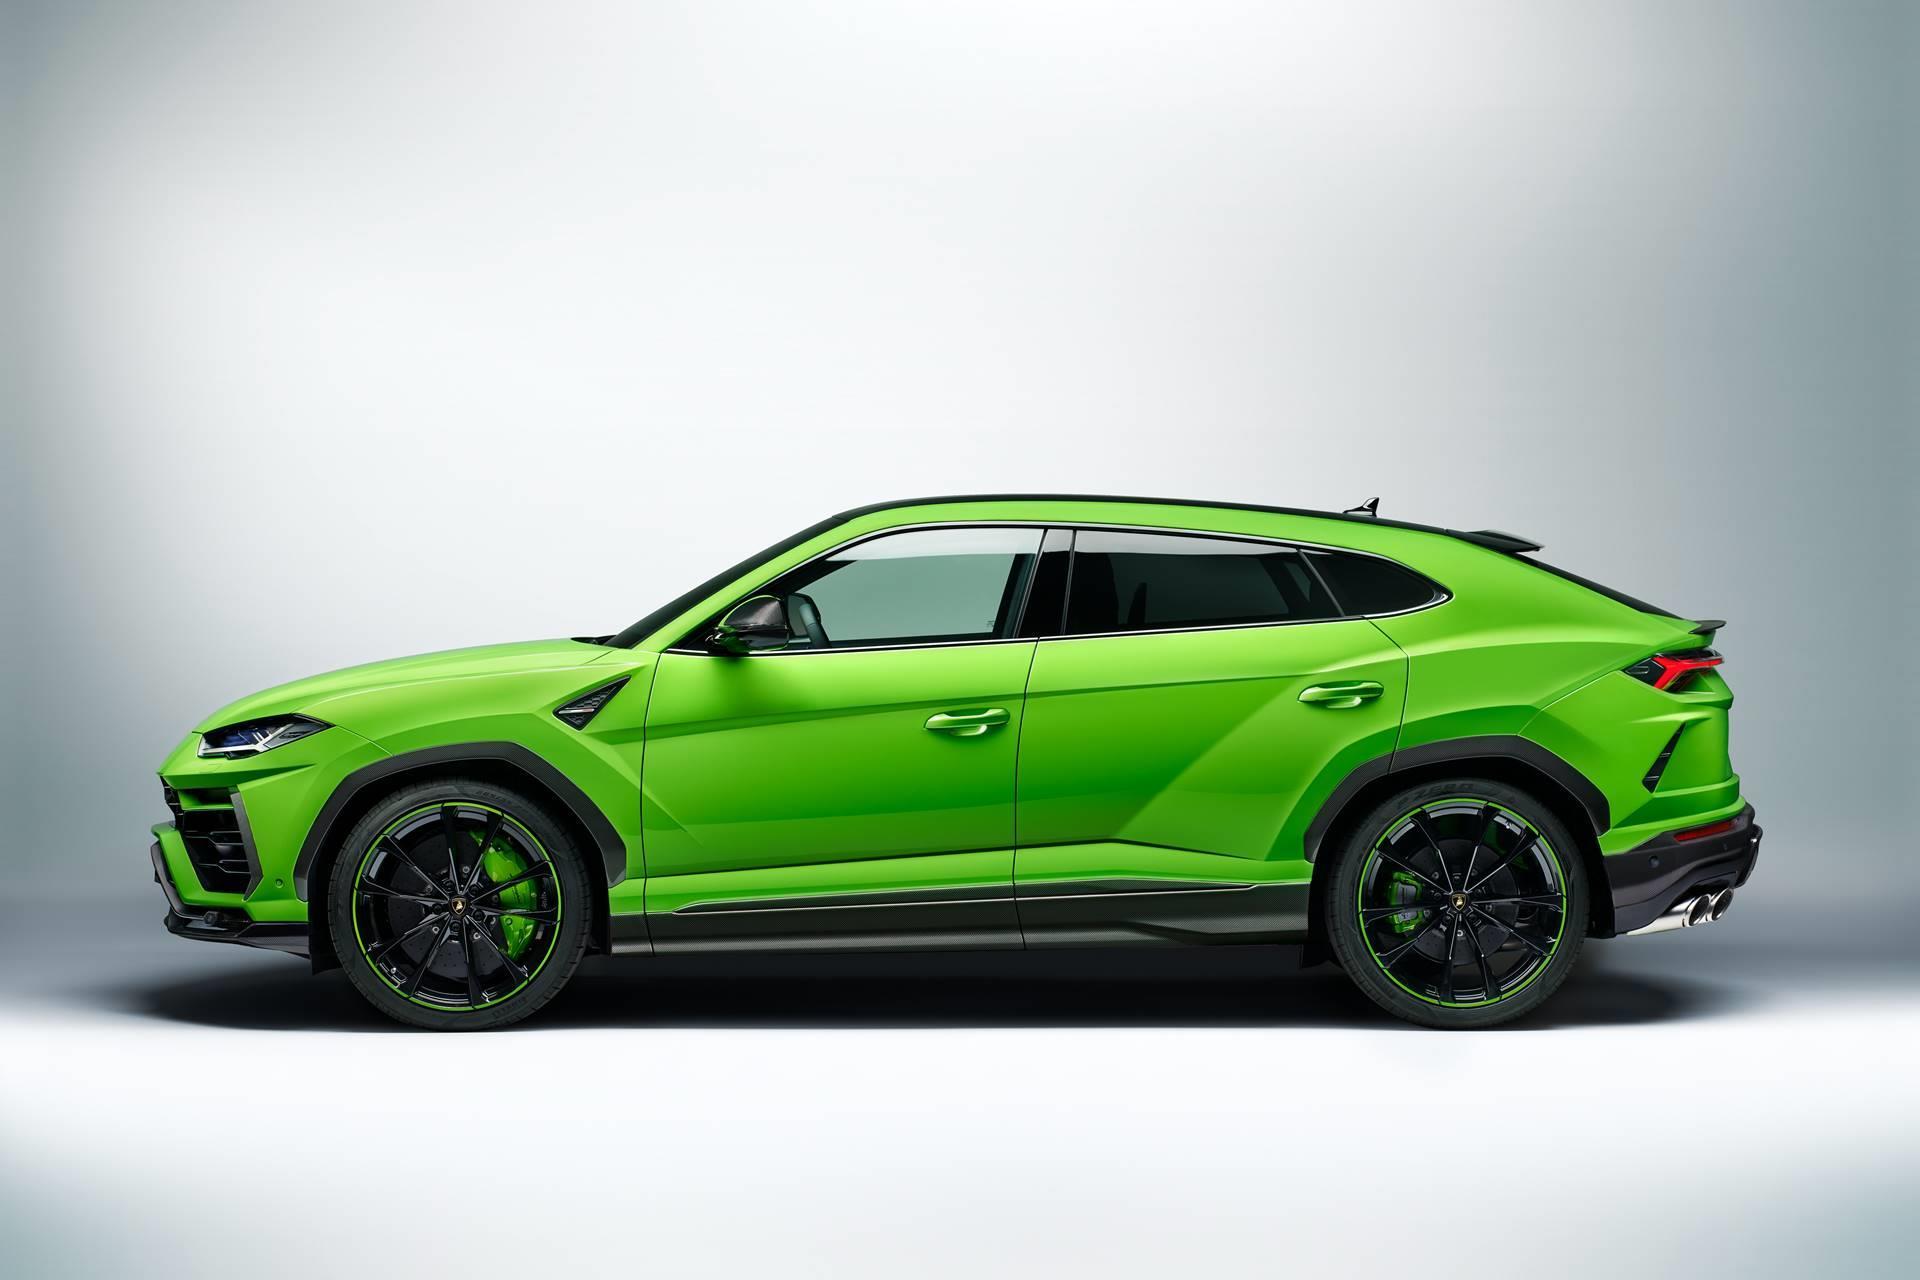 2020 Lamborghini Urus Pearl Capsule News And Information